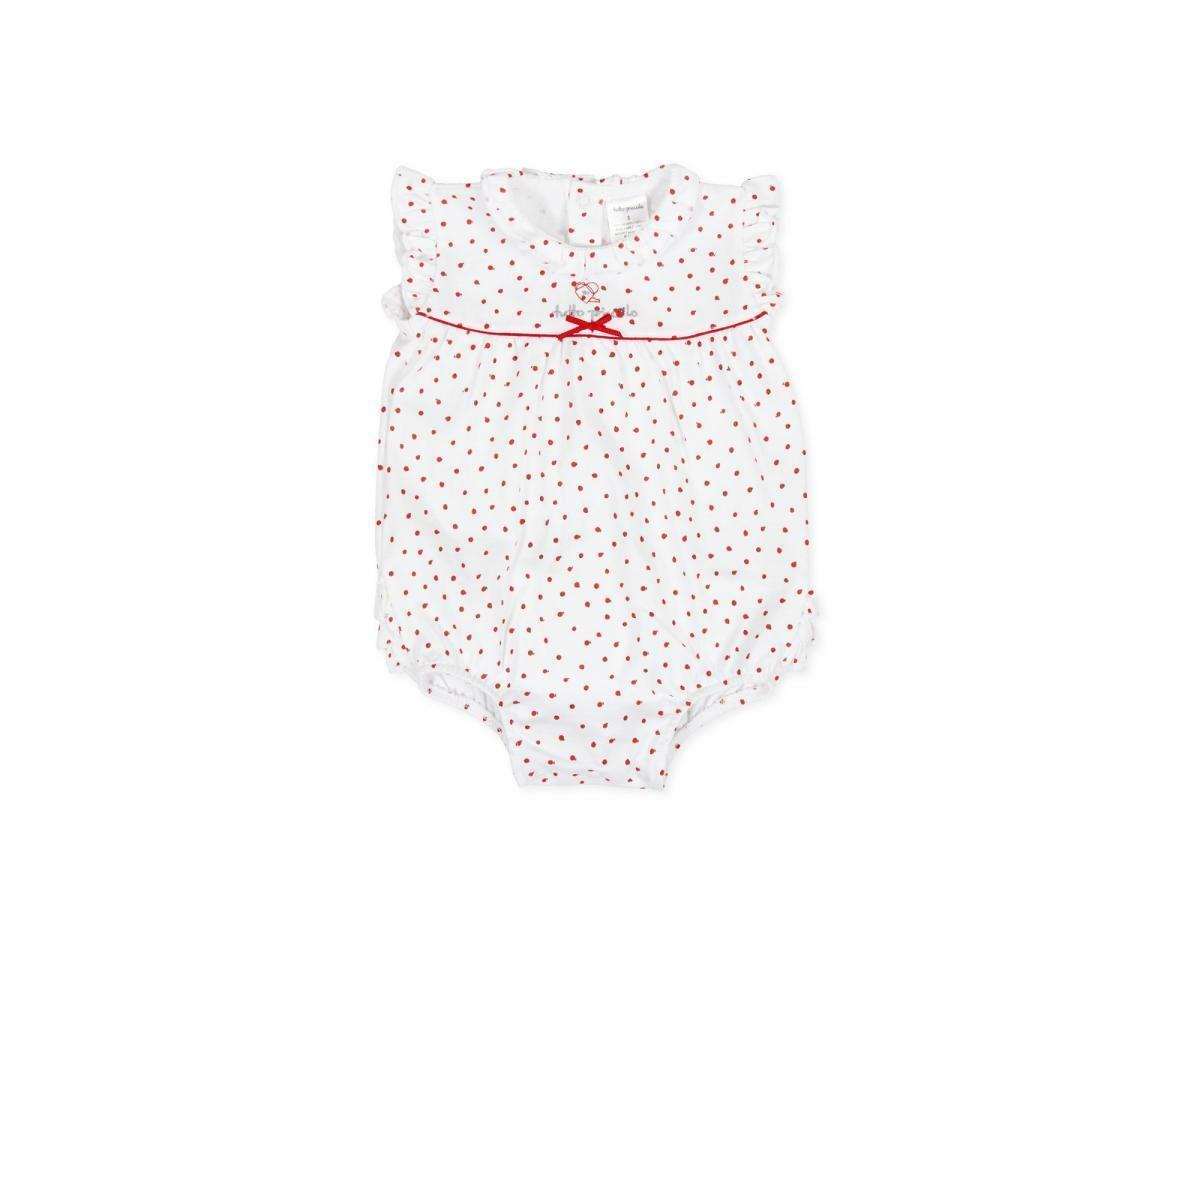 tutto piccolo tutto piccolo pagliacetto neonata bianco 8383s20